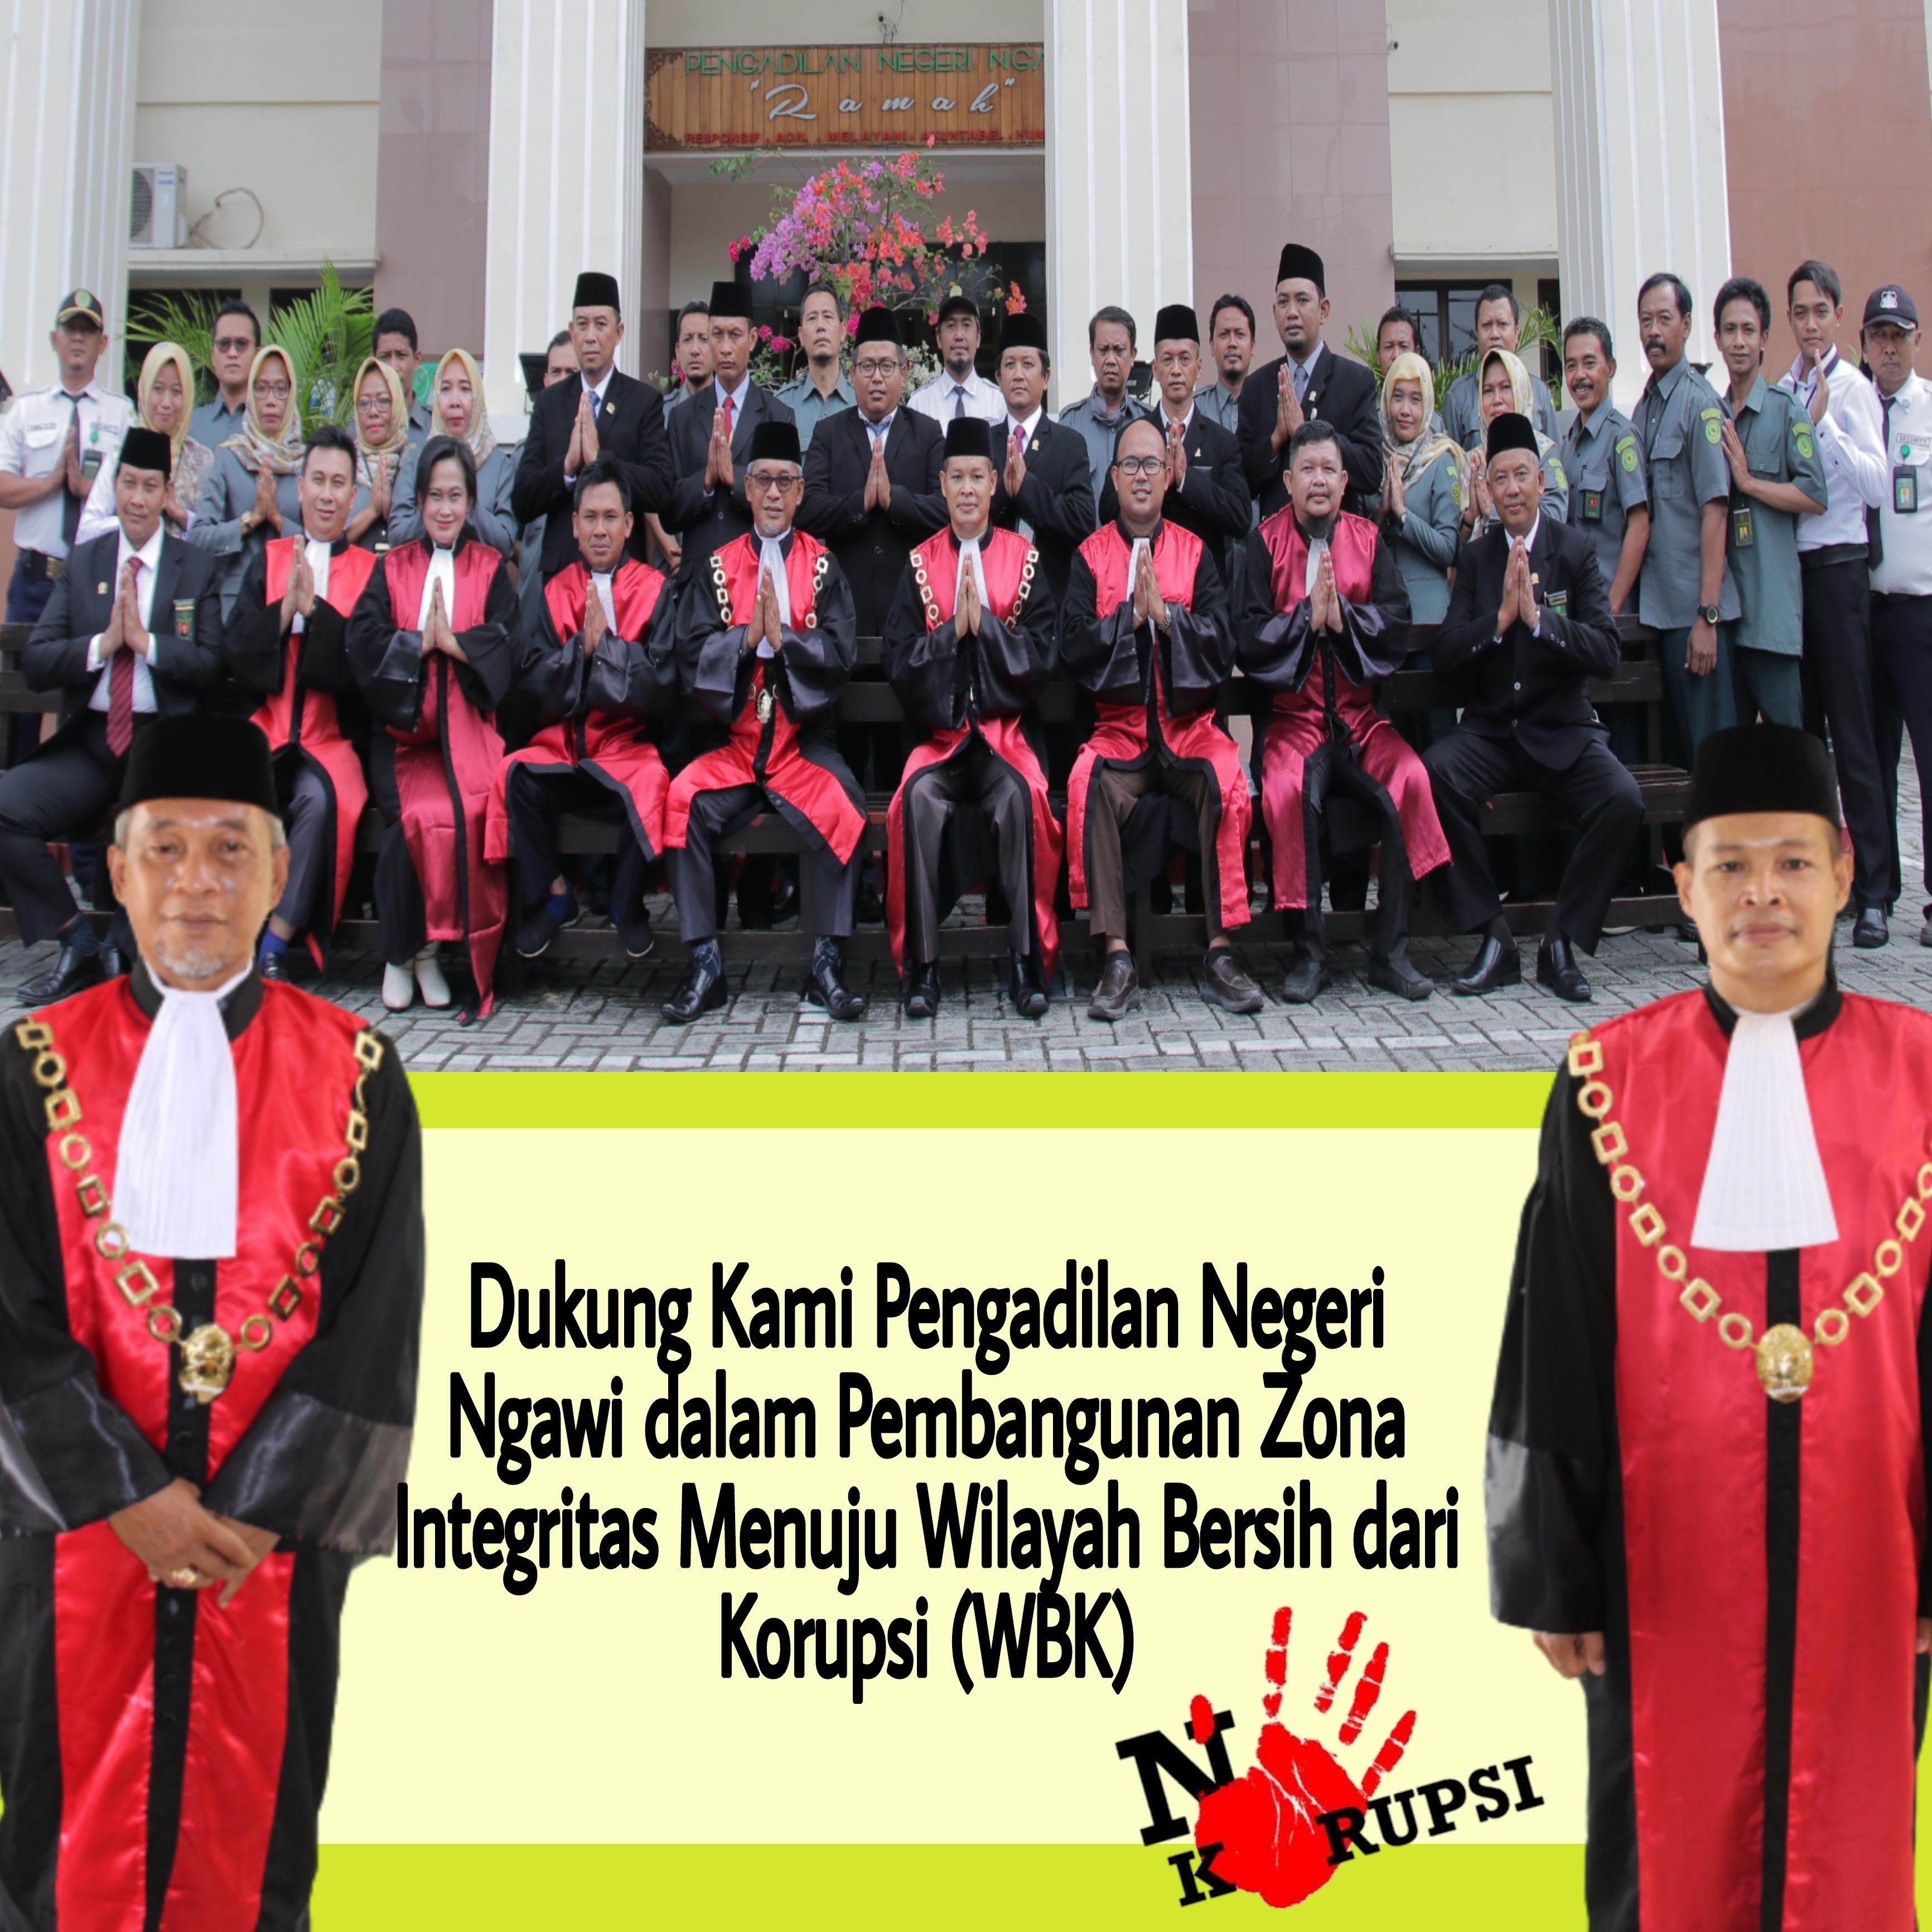 Pembangunan Zona Integritas Pengadilan Negeri Ngawi menuju Wilayah Bersih dari Korupsi (WBK)